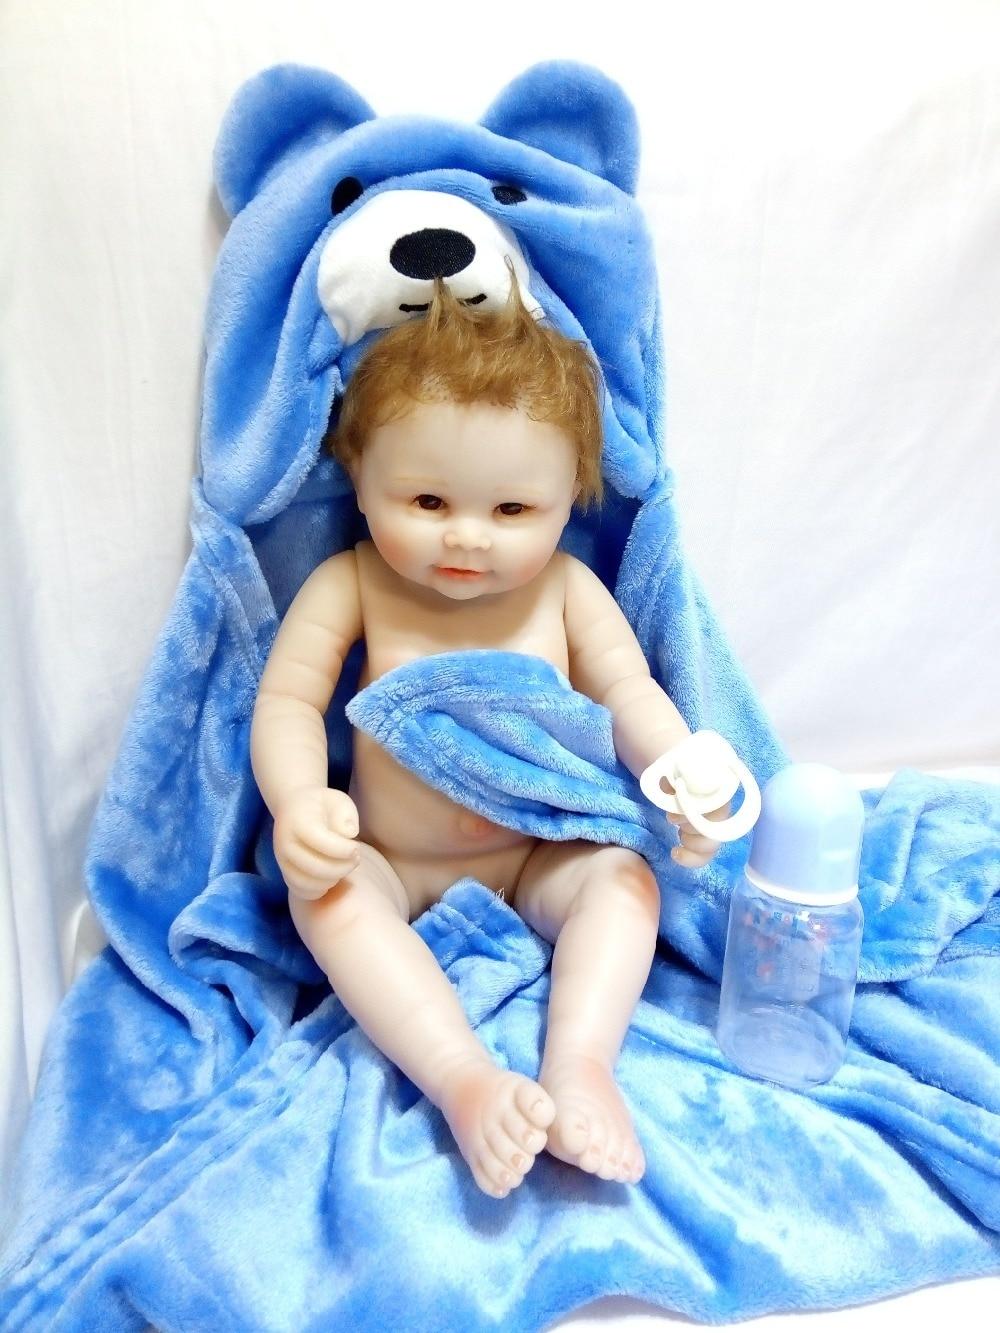 20 дюймов полный винил куклы для девочек игрушки силиконовые reborn baby boy Кукла 50 см игрушка тигр-девочка детская подарки на день рождения для ма...